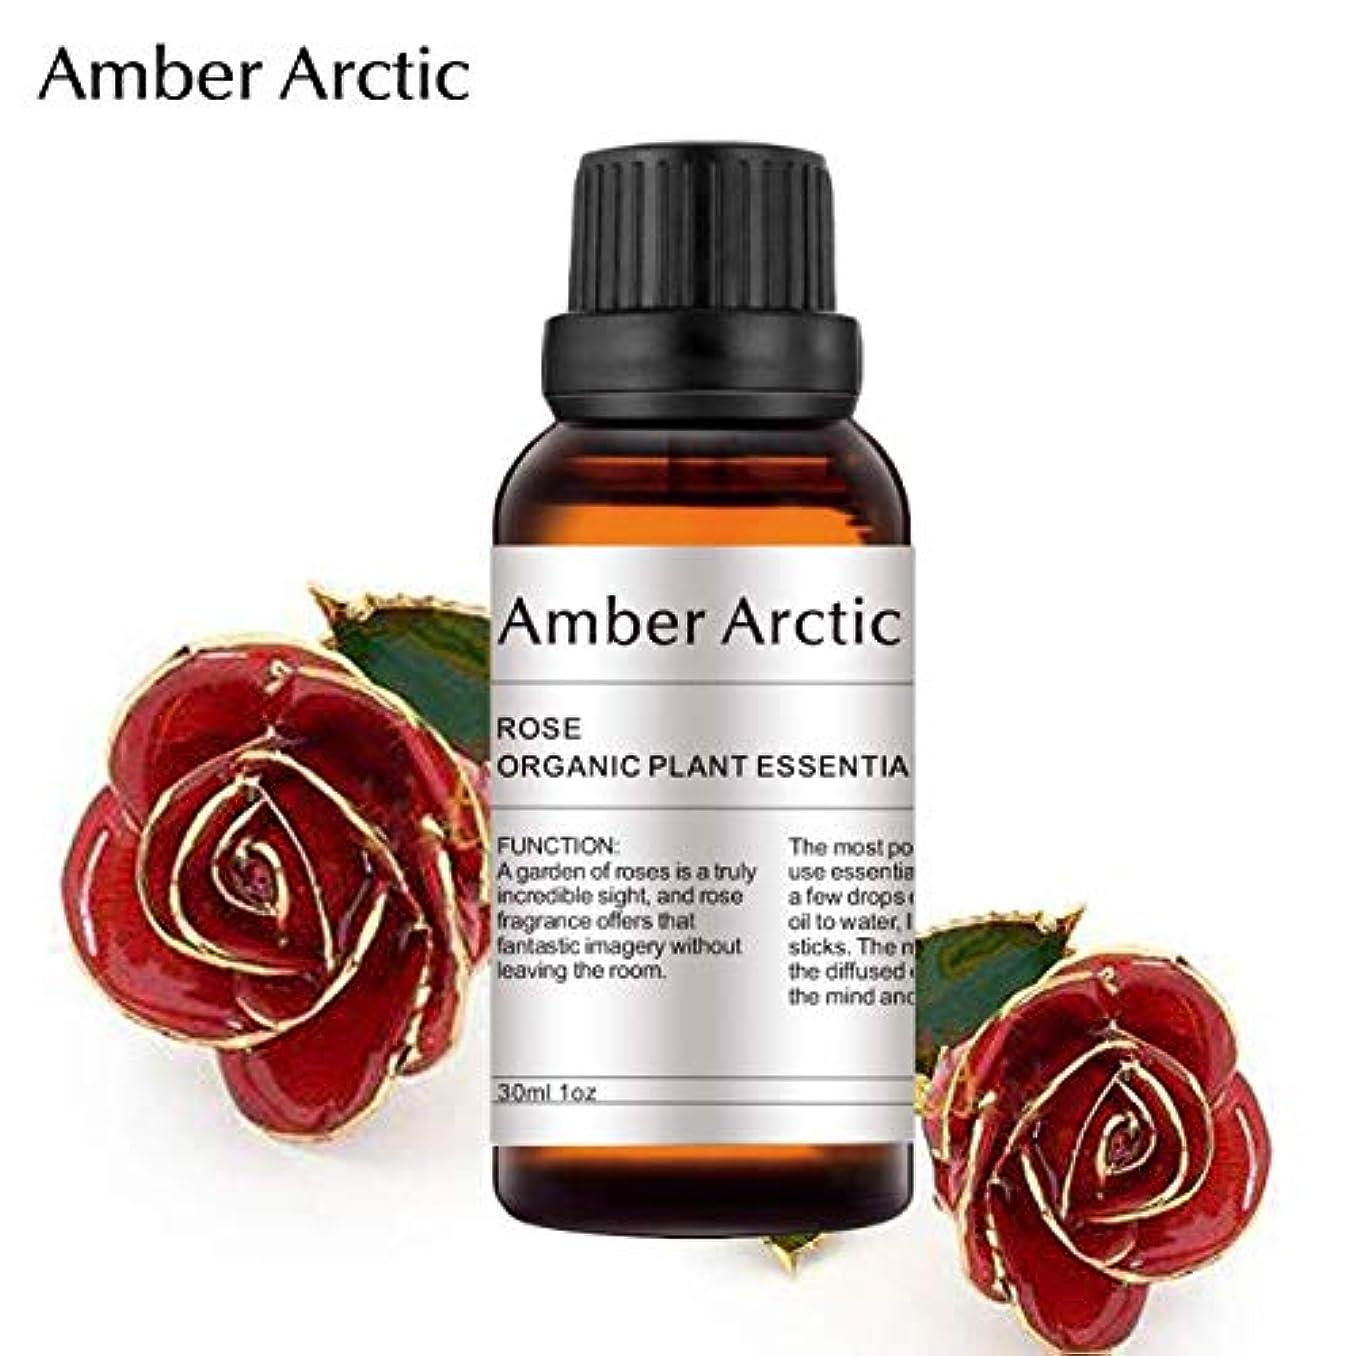 位置づけるフクロウ未就学AMBER ARCTIC エッセンシャル オイル ディフューザー 用 100% 純粋 新鮮 有機 植物 セラピー オイル 30Ml ローズ ローズ